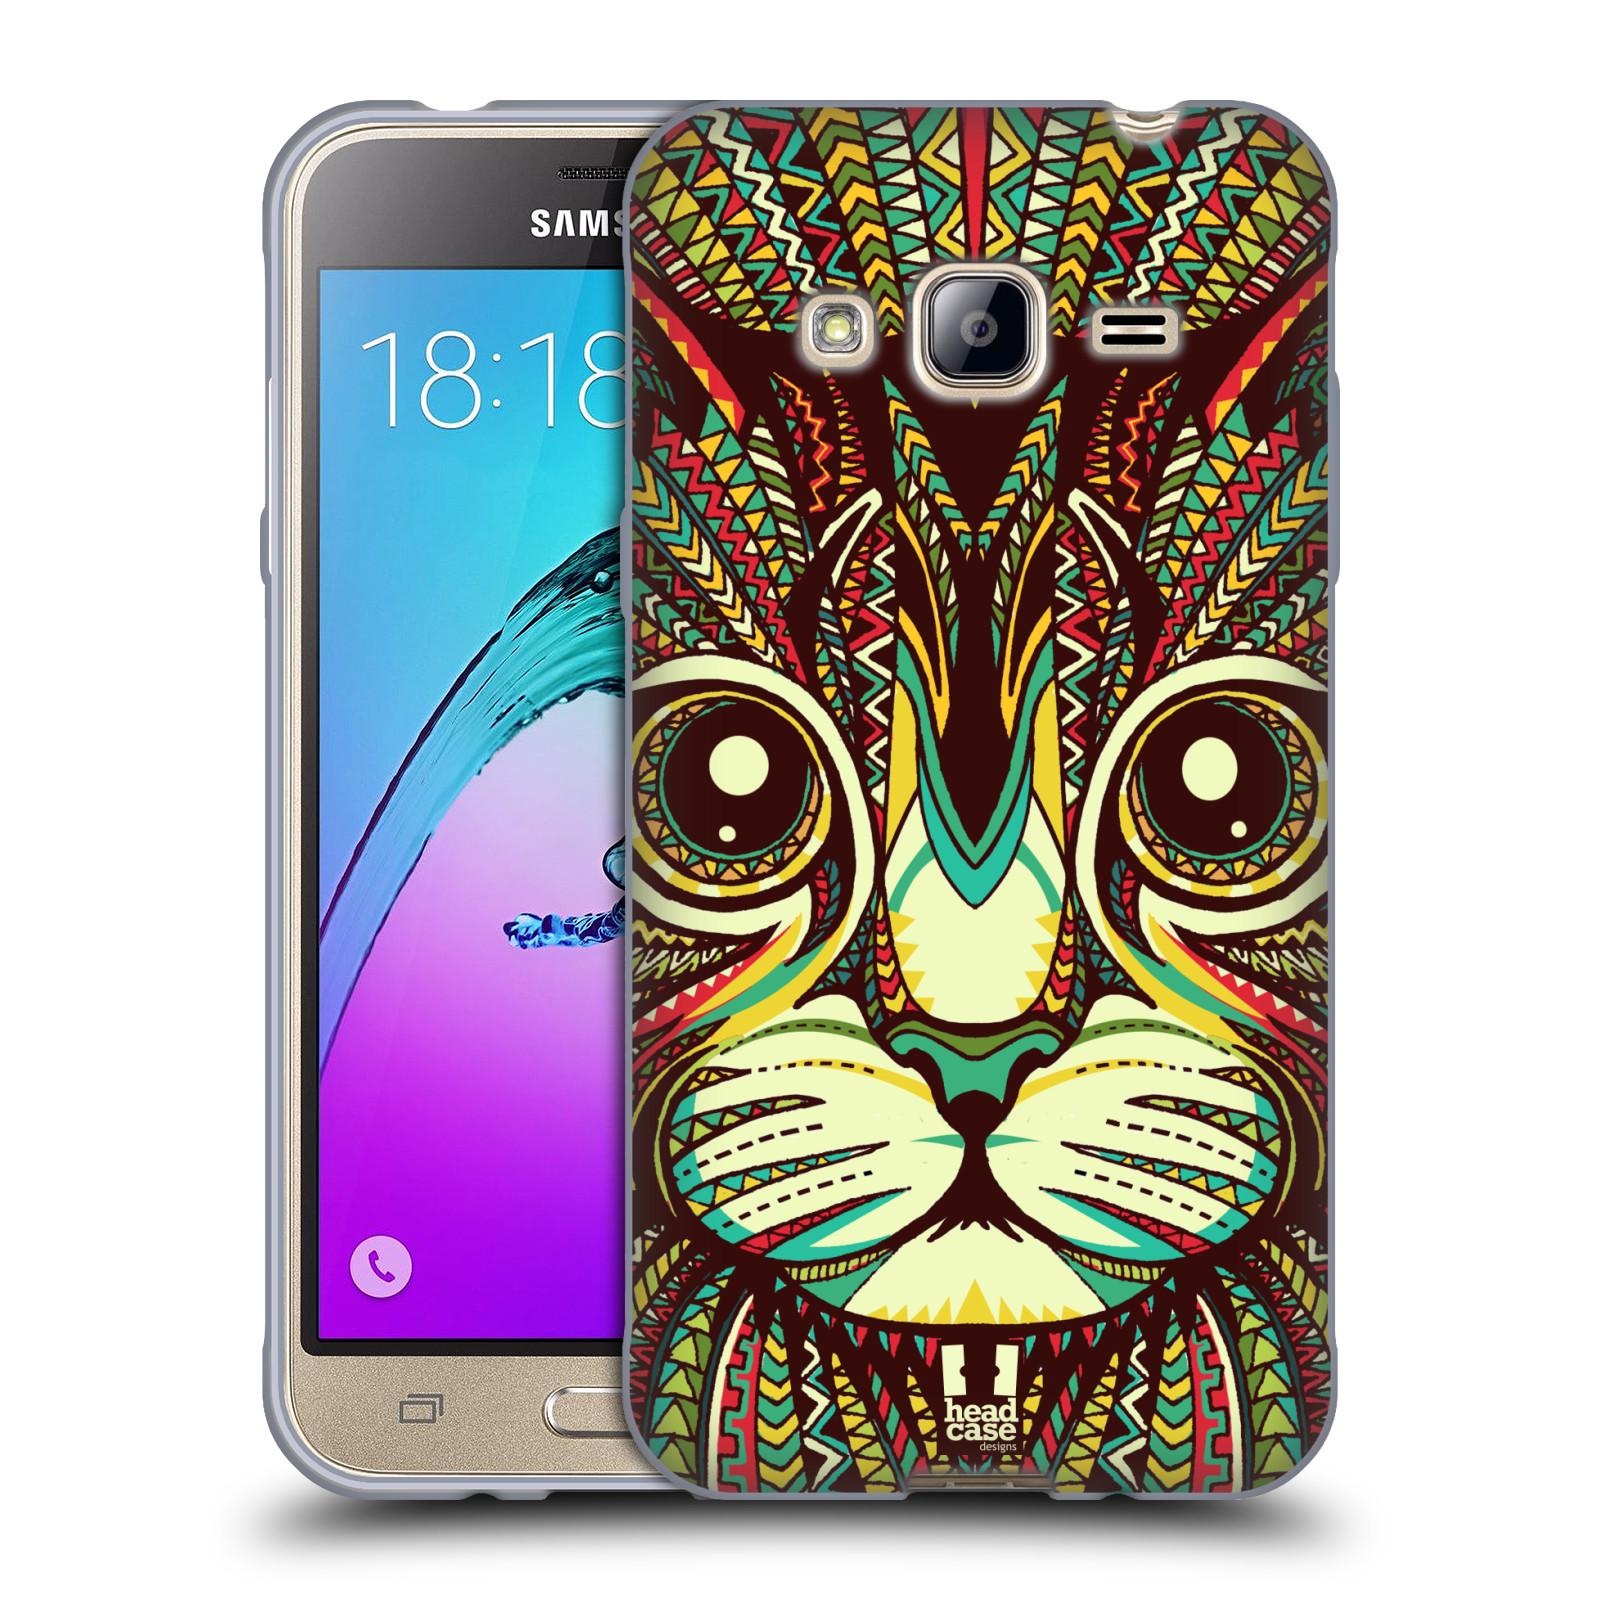 Silikonové pouzdro na mobil Samsung Galaxy J3 (2016) HEAD CASE AZTEC KOČKA